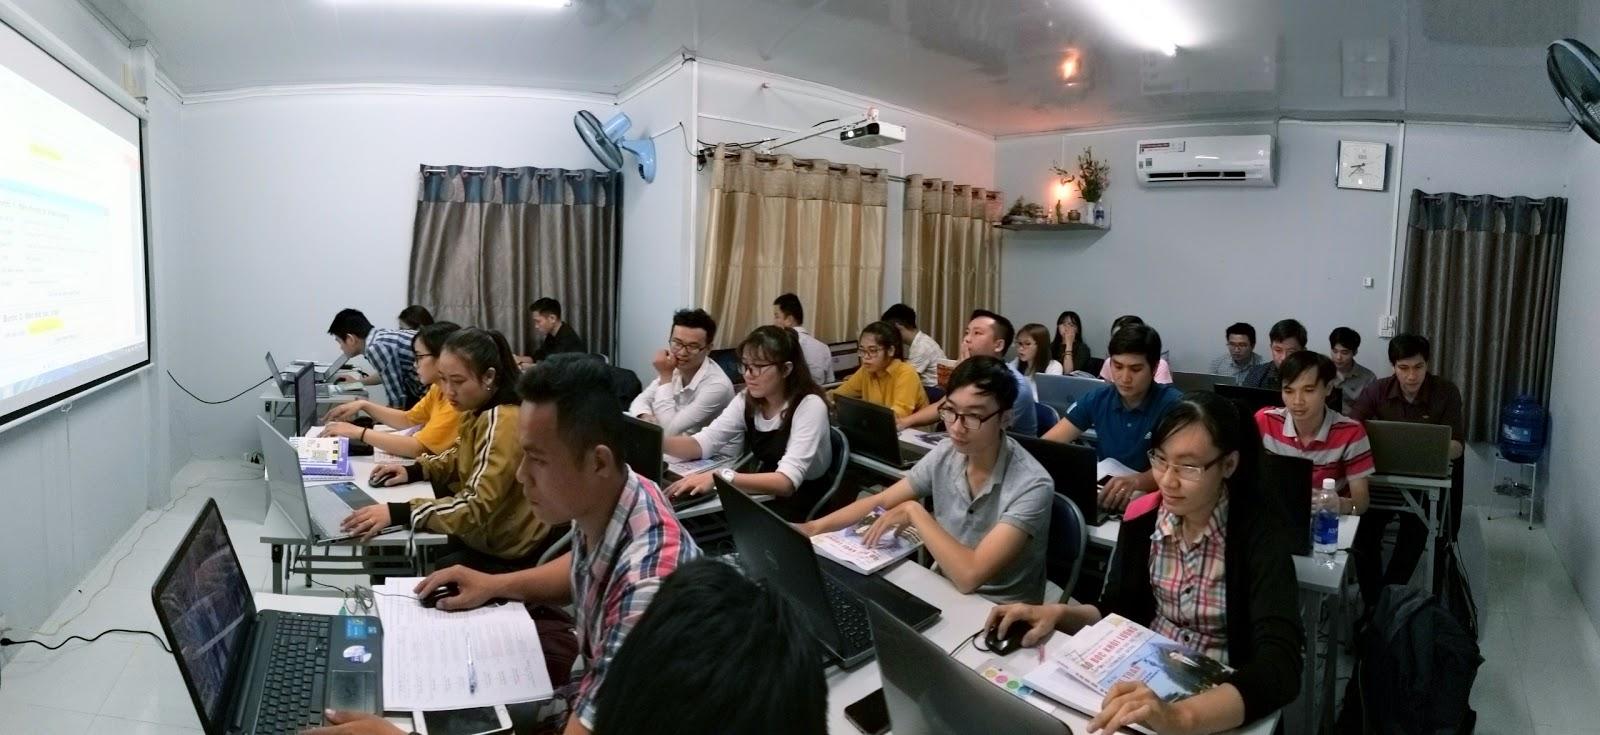 TB Chiêu sinh lớp dạy kèm bóc khối lượng học ban ngày Tháng 12-2020 tại CLB Dự Toán DTC